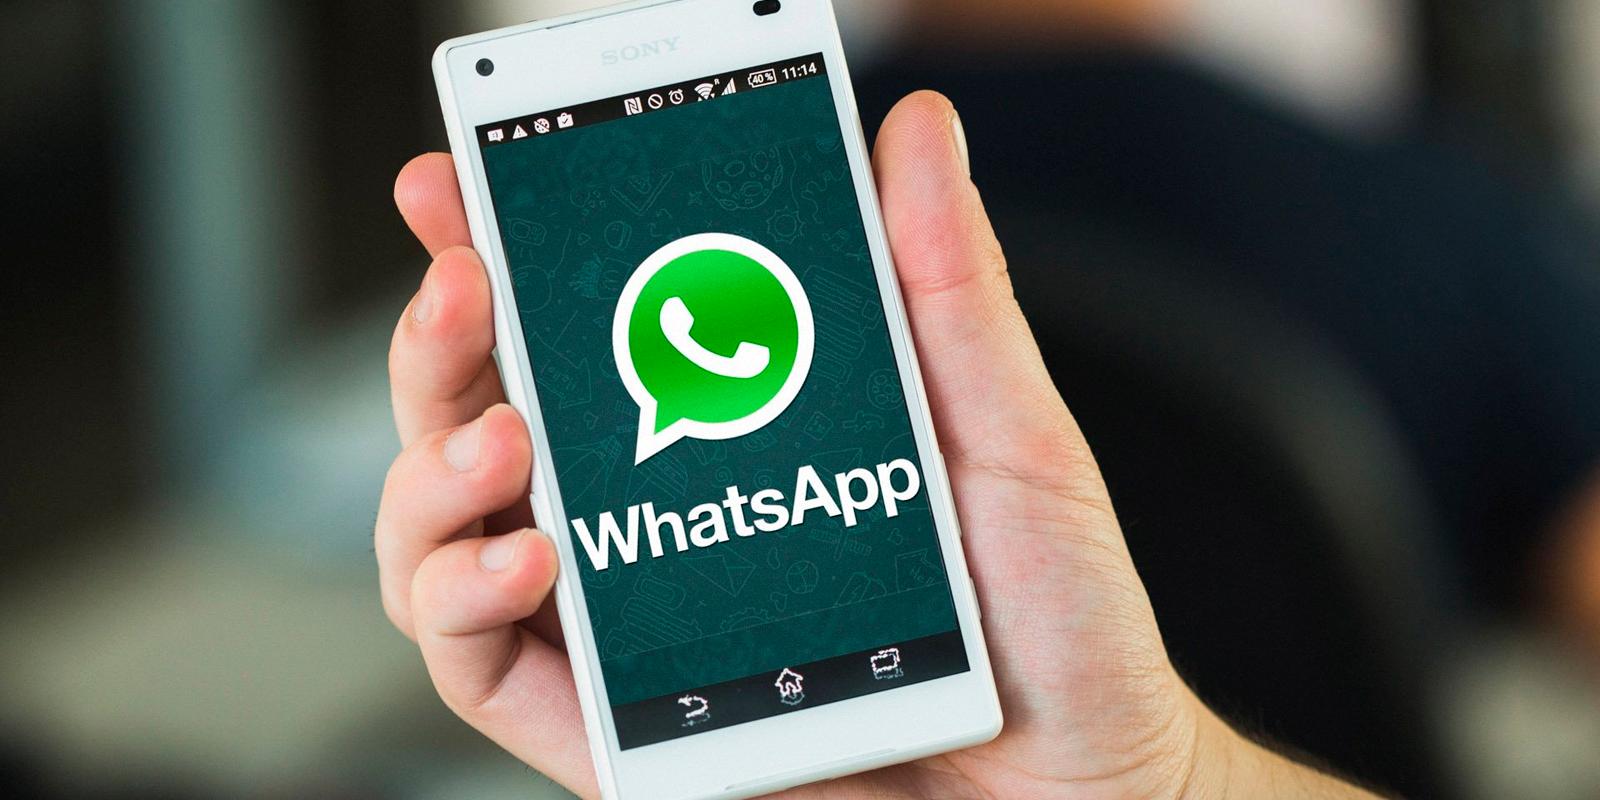 Construa um relacionamento com seu cliente utilizando o WhatsApp